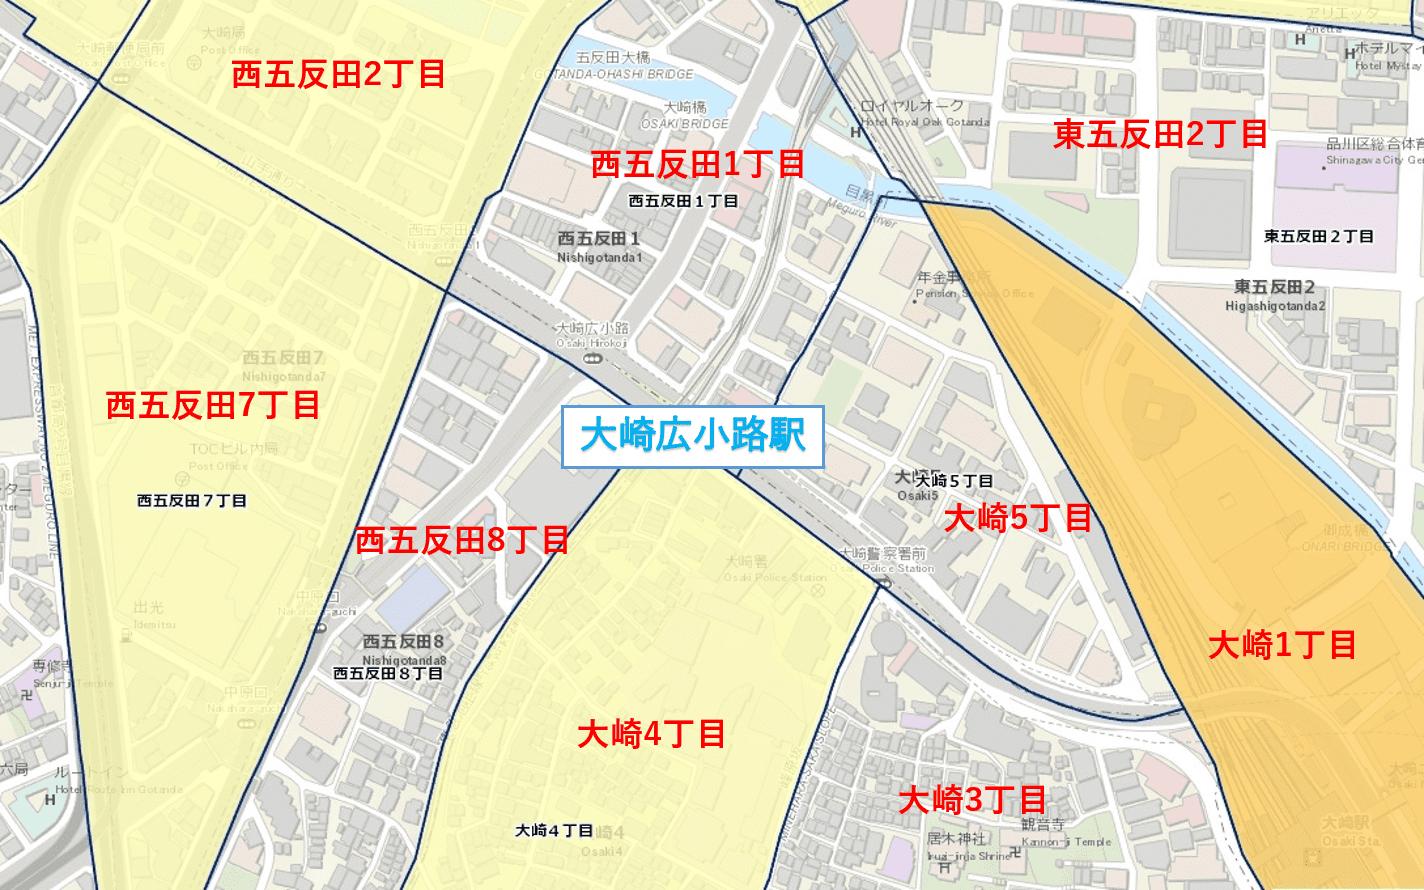 大崎広小路の犯罪発生マップ